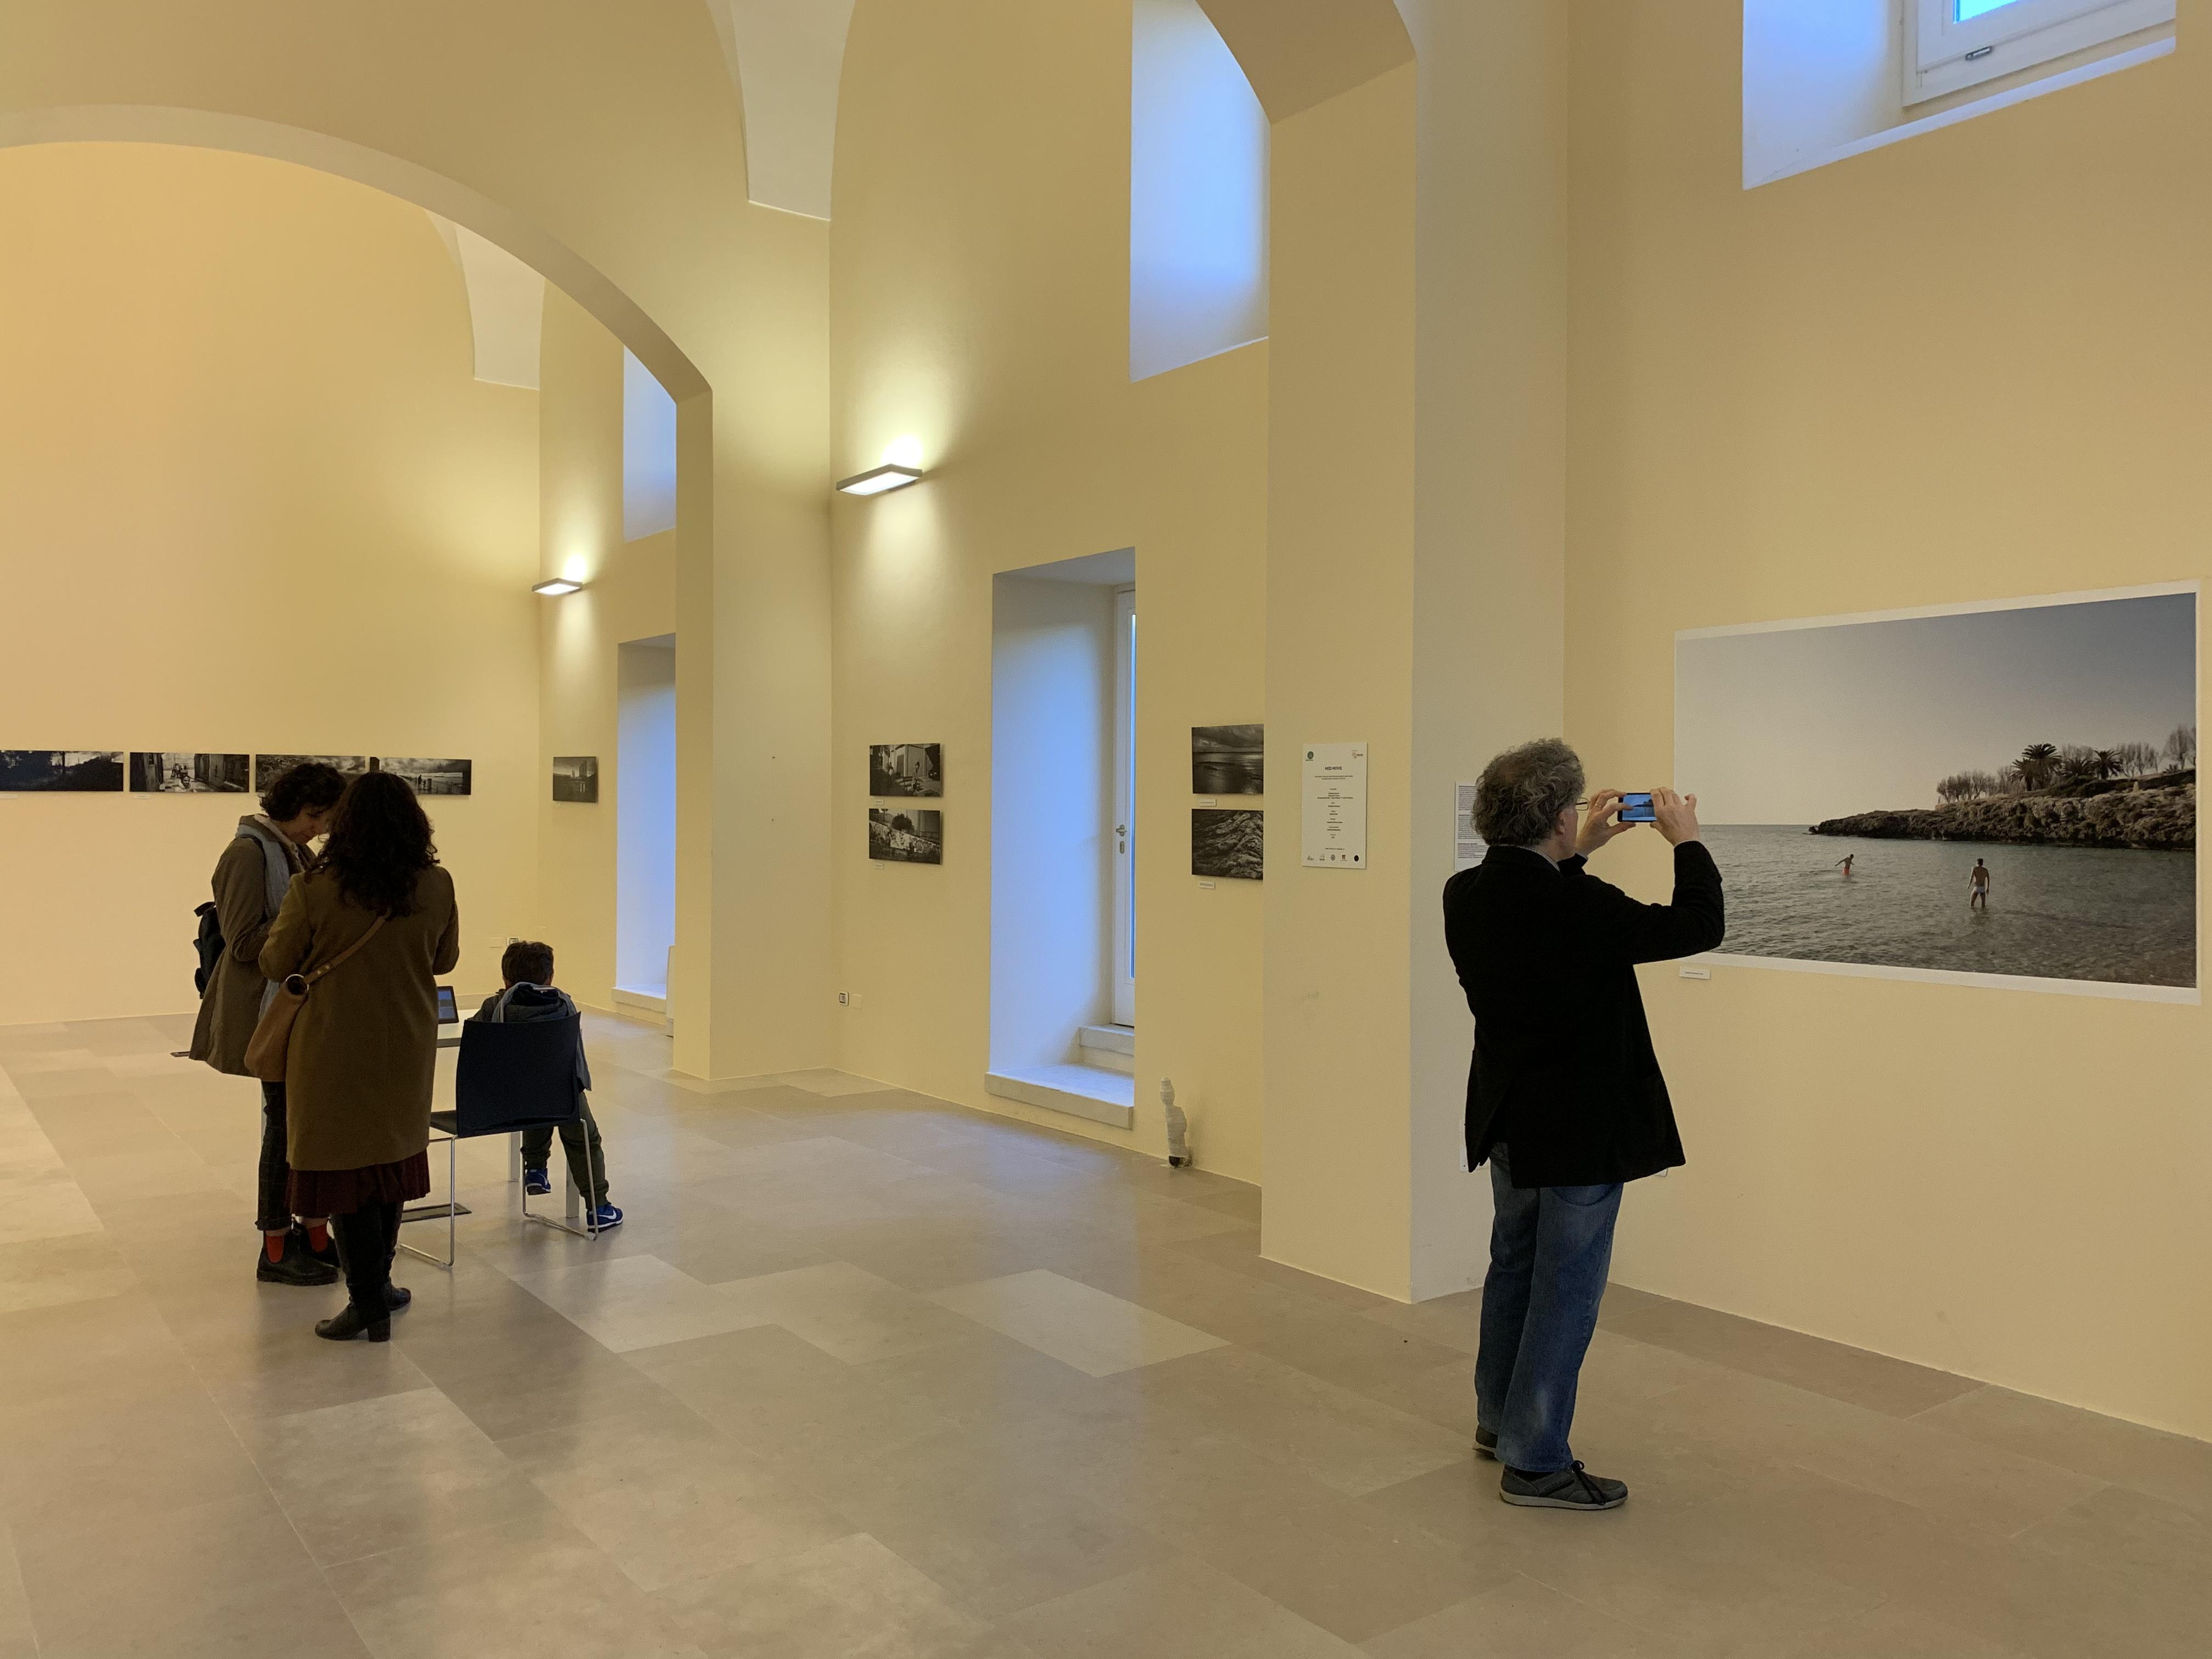 MED MOVIE, per visitare la mostra a Lecce c'è tempo fino al 22 maggio